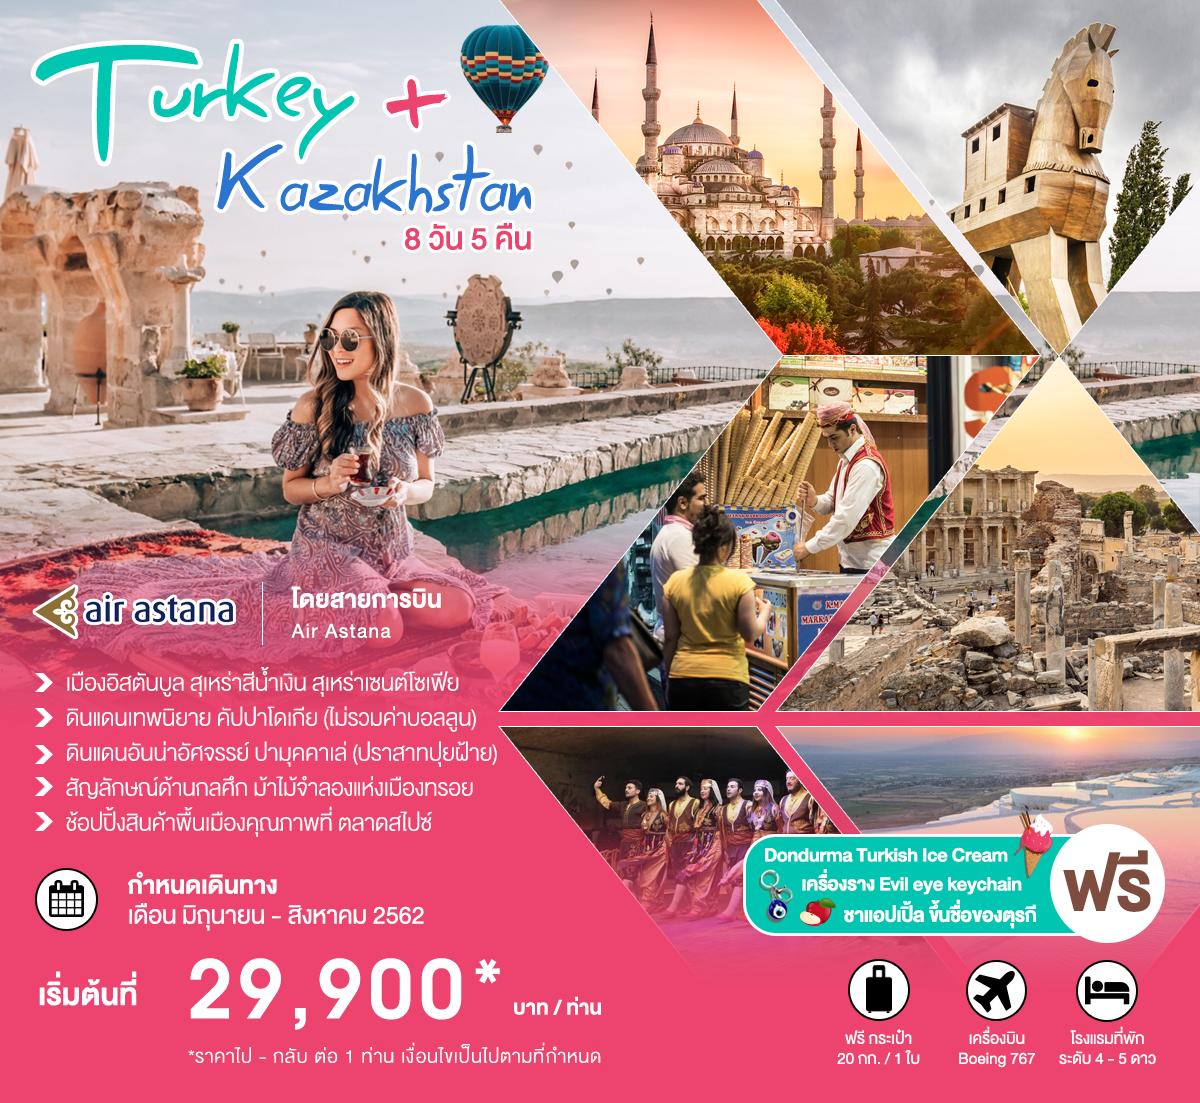 ทัวร์ตุรกี-TURKEY+KAZAKHSTAN-8D5N-JUN-AUG19)(KC)(SMTR-KC1279)